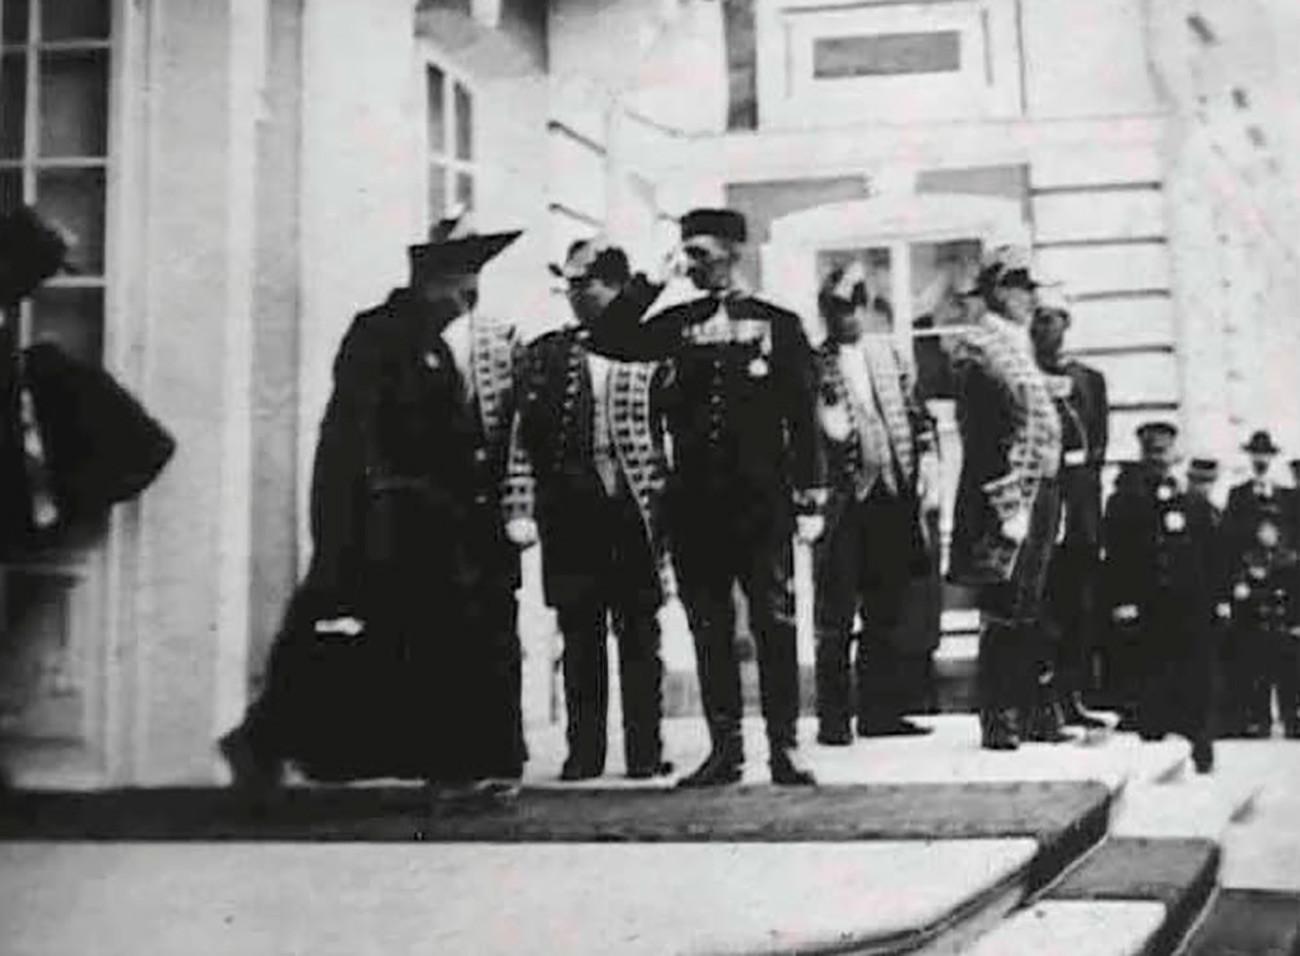 Агван Доржијев излази из Великог дворца у Петергофу после сусрета са царем, 1901.